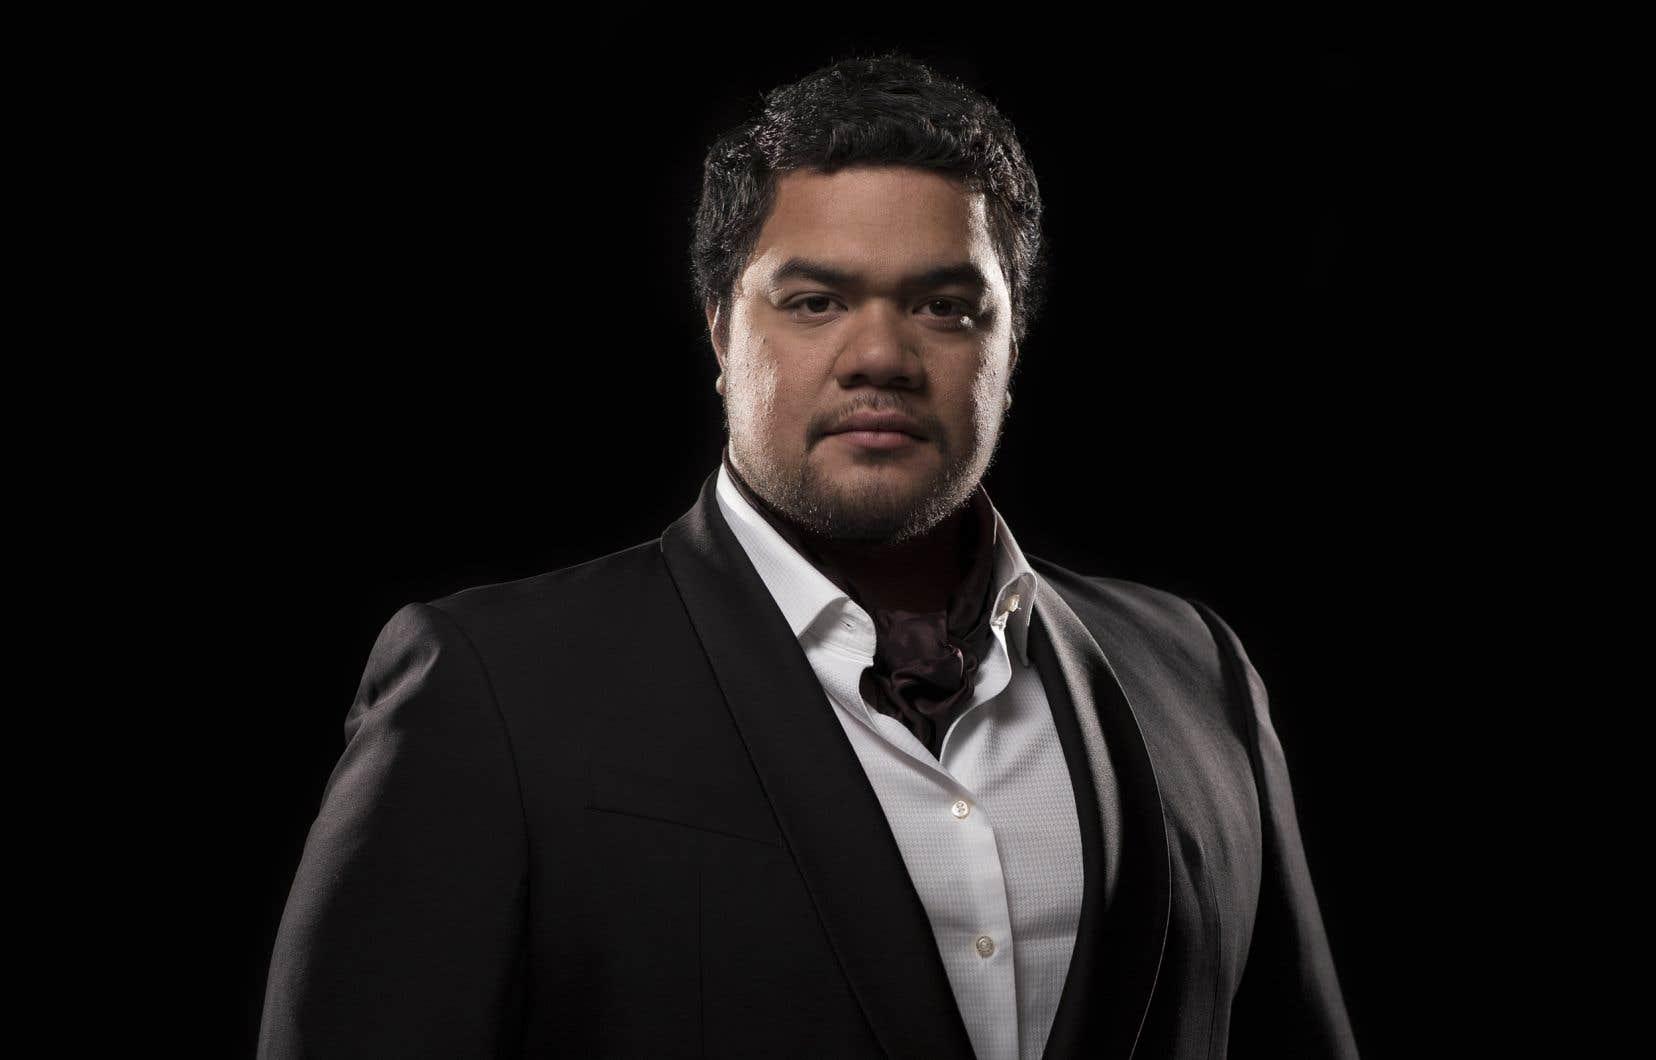 Pene Pati, impressionnant ténor néo-zélandais originaire des îles Samoa, était l'invité de la Société d'art vocal de Montréal pour un récital de mélodies.